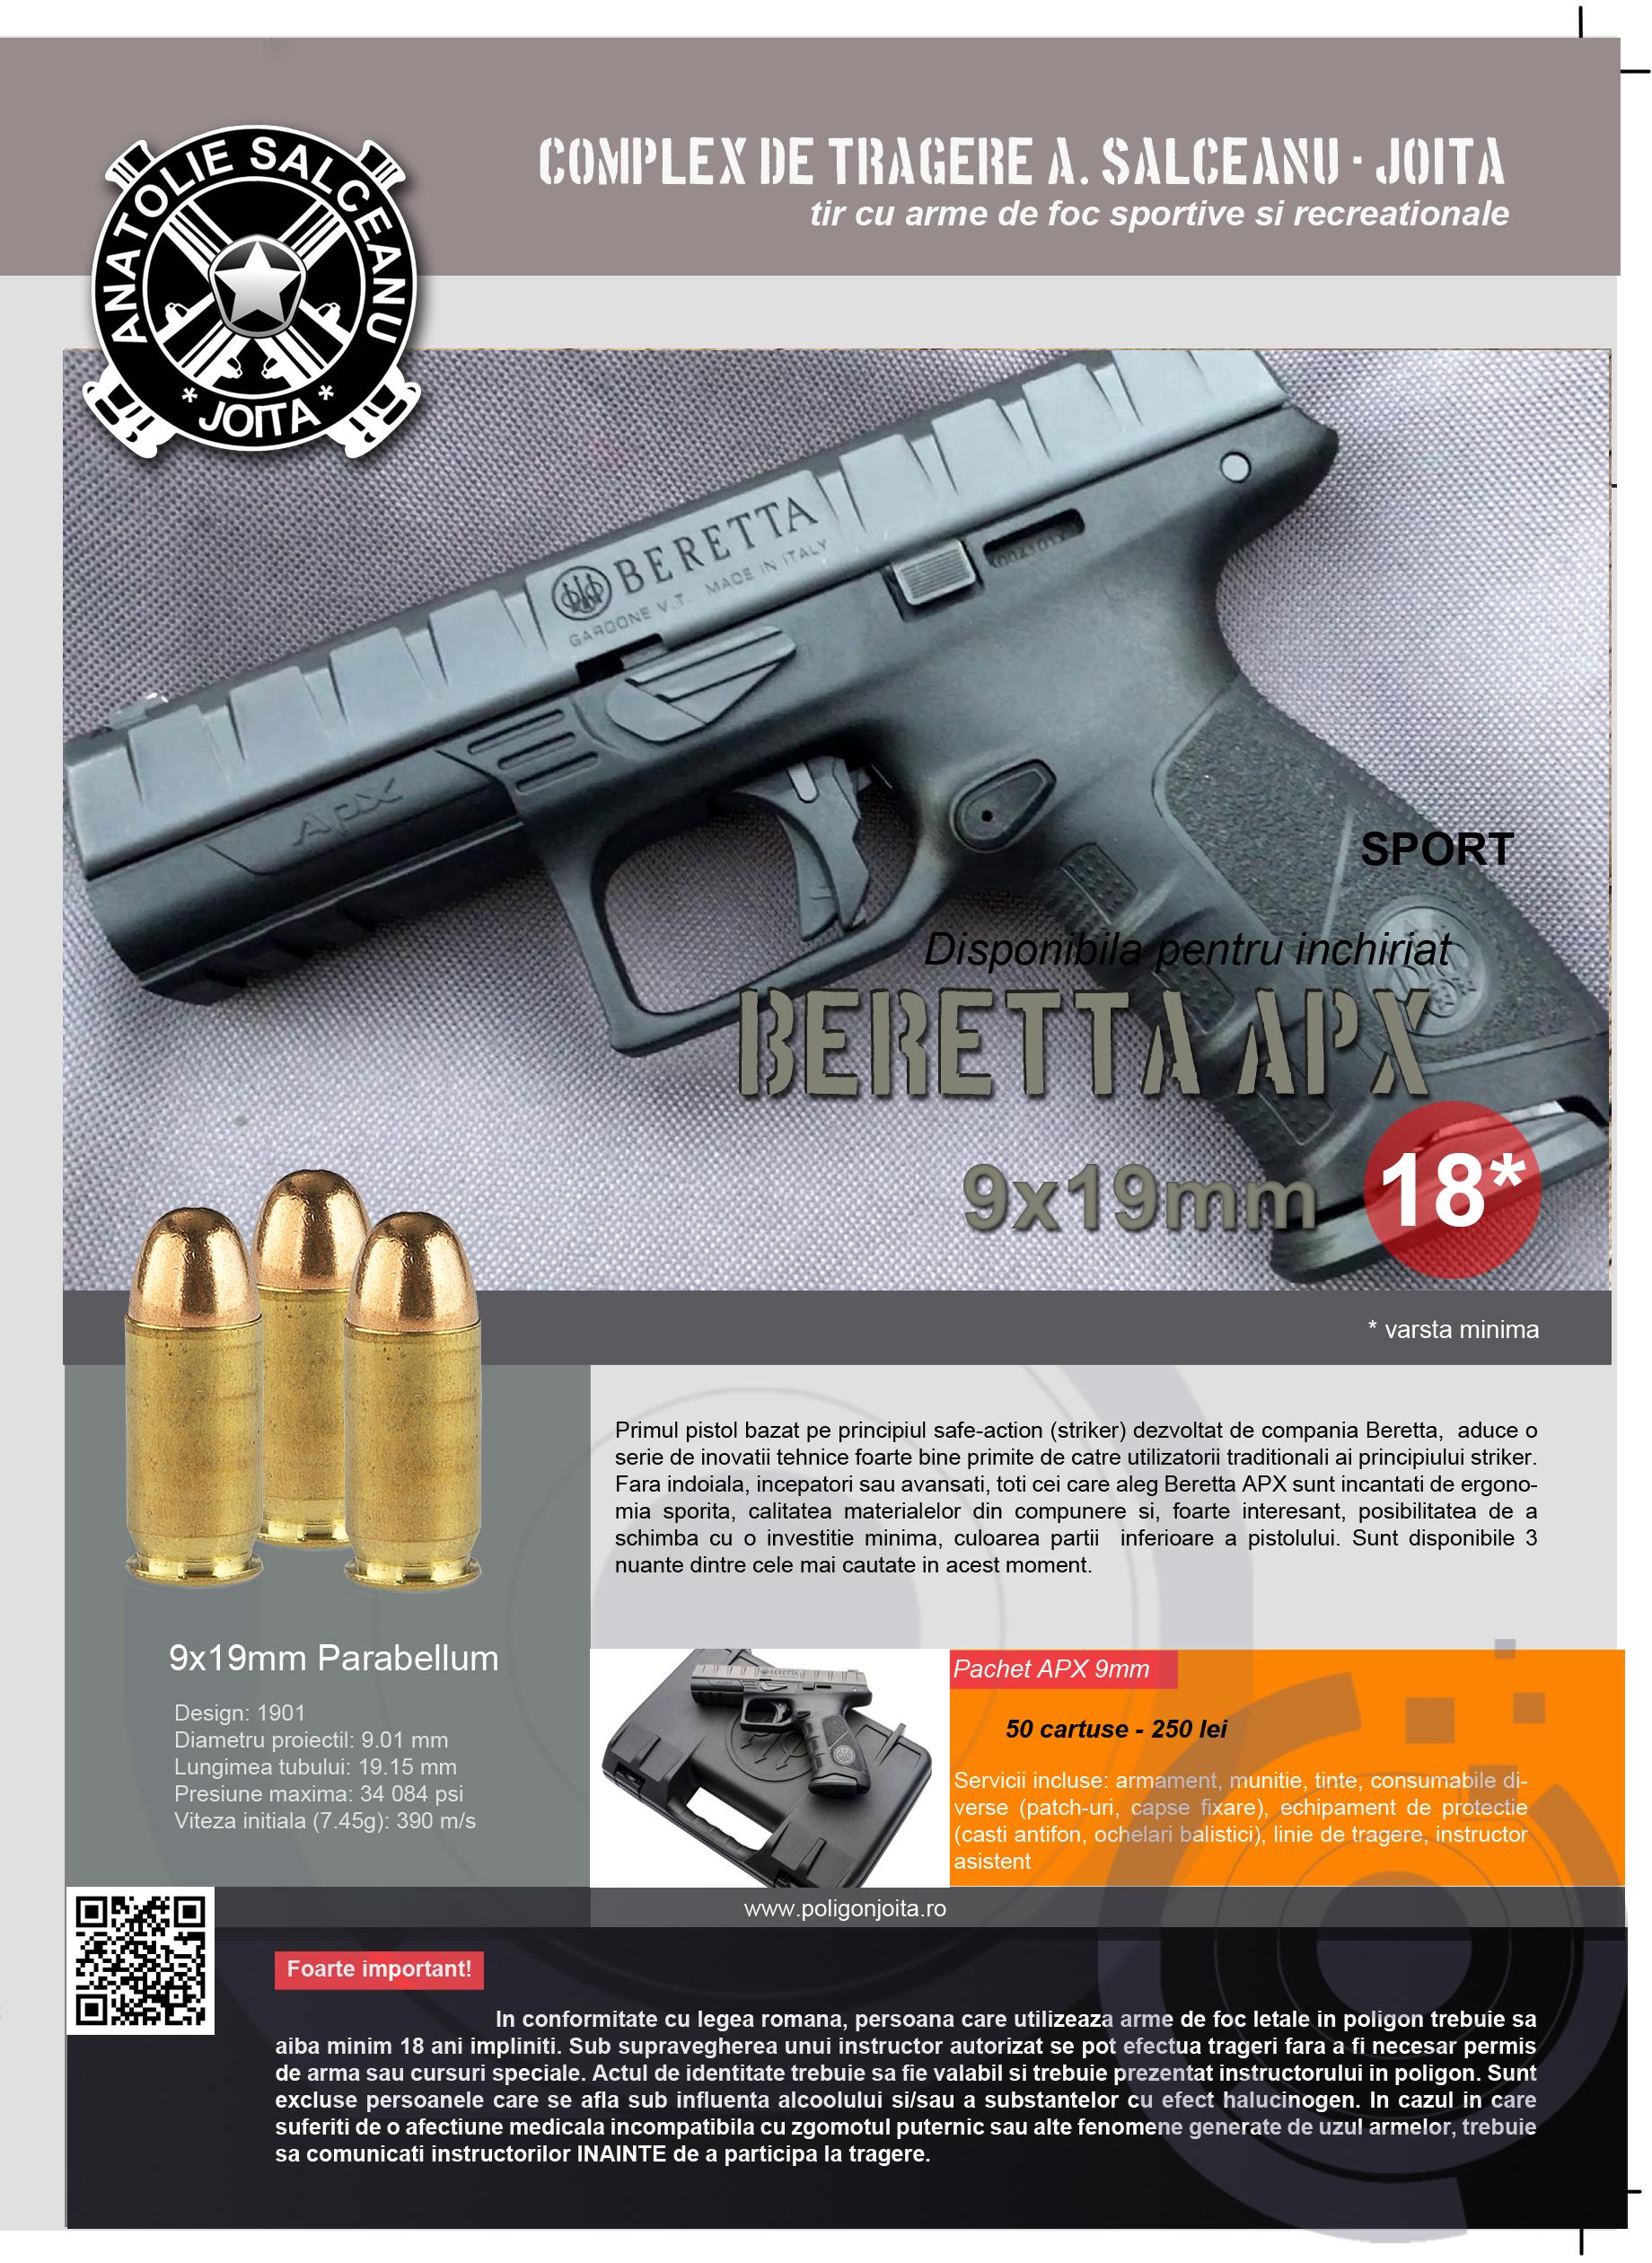 Plansa Beretta APX